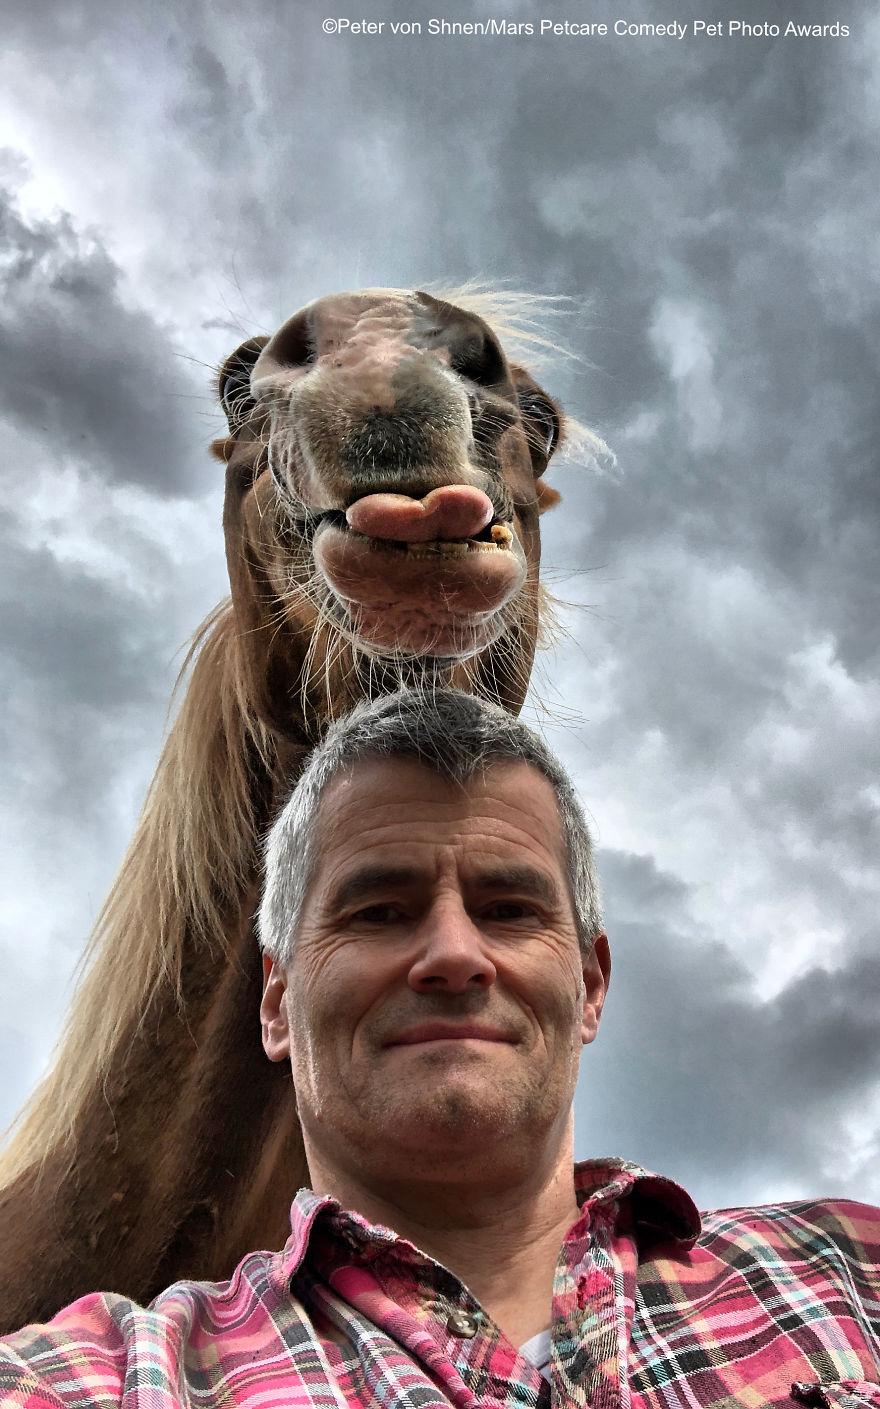 'Funny Horse' By Peter Von Shnen